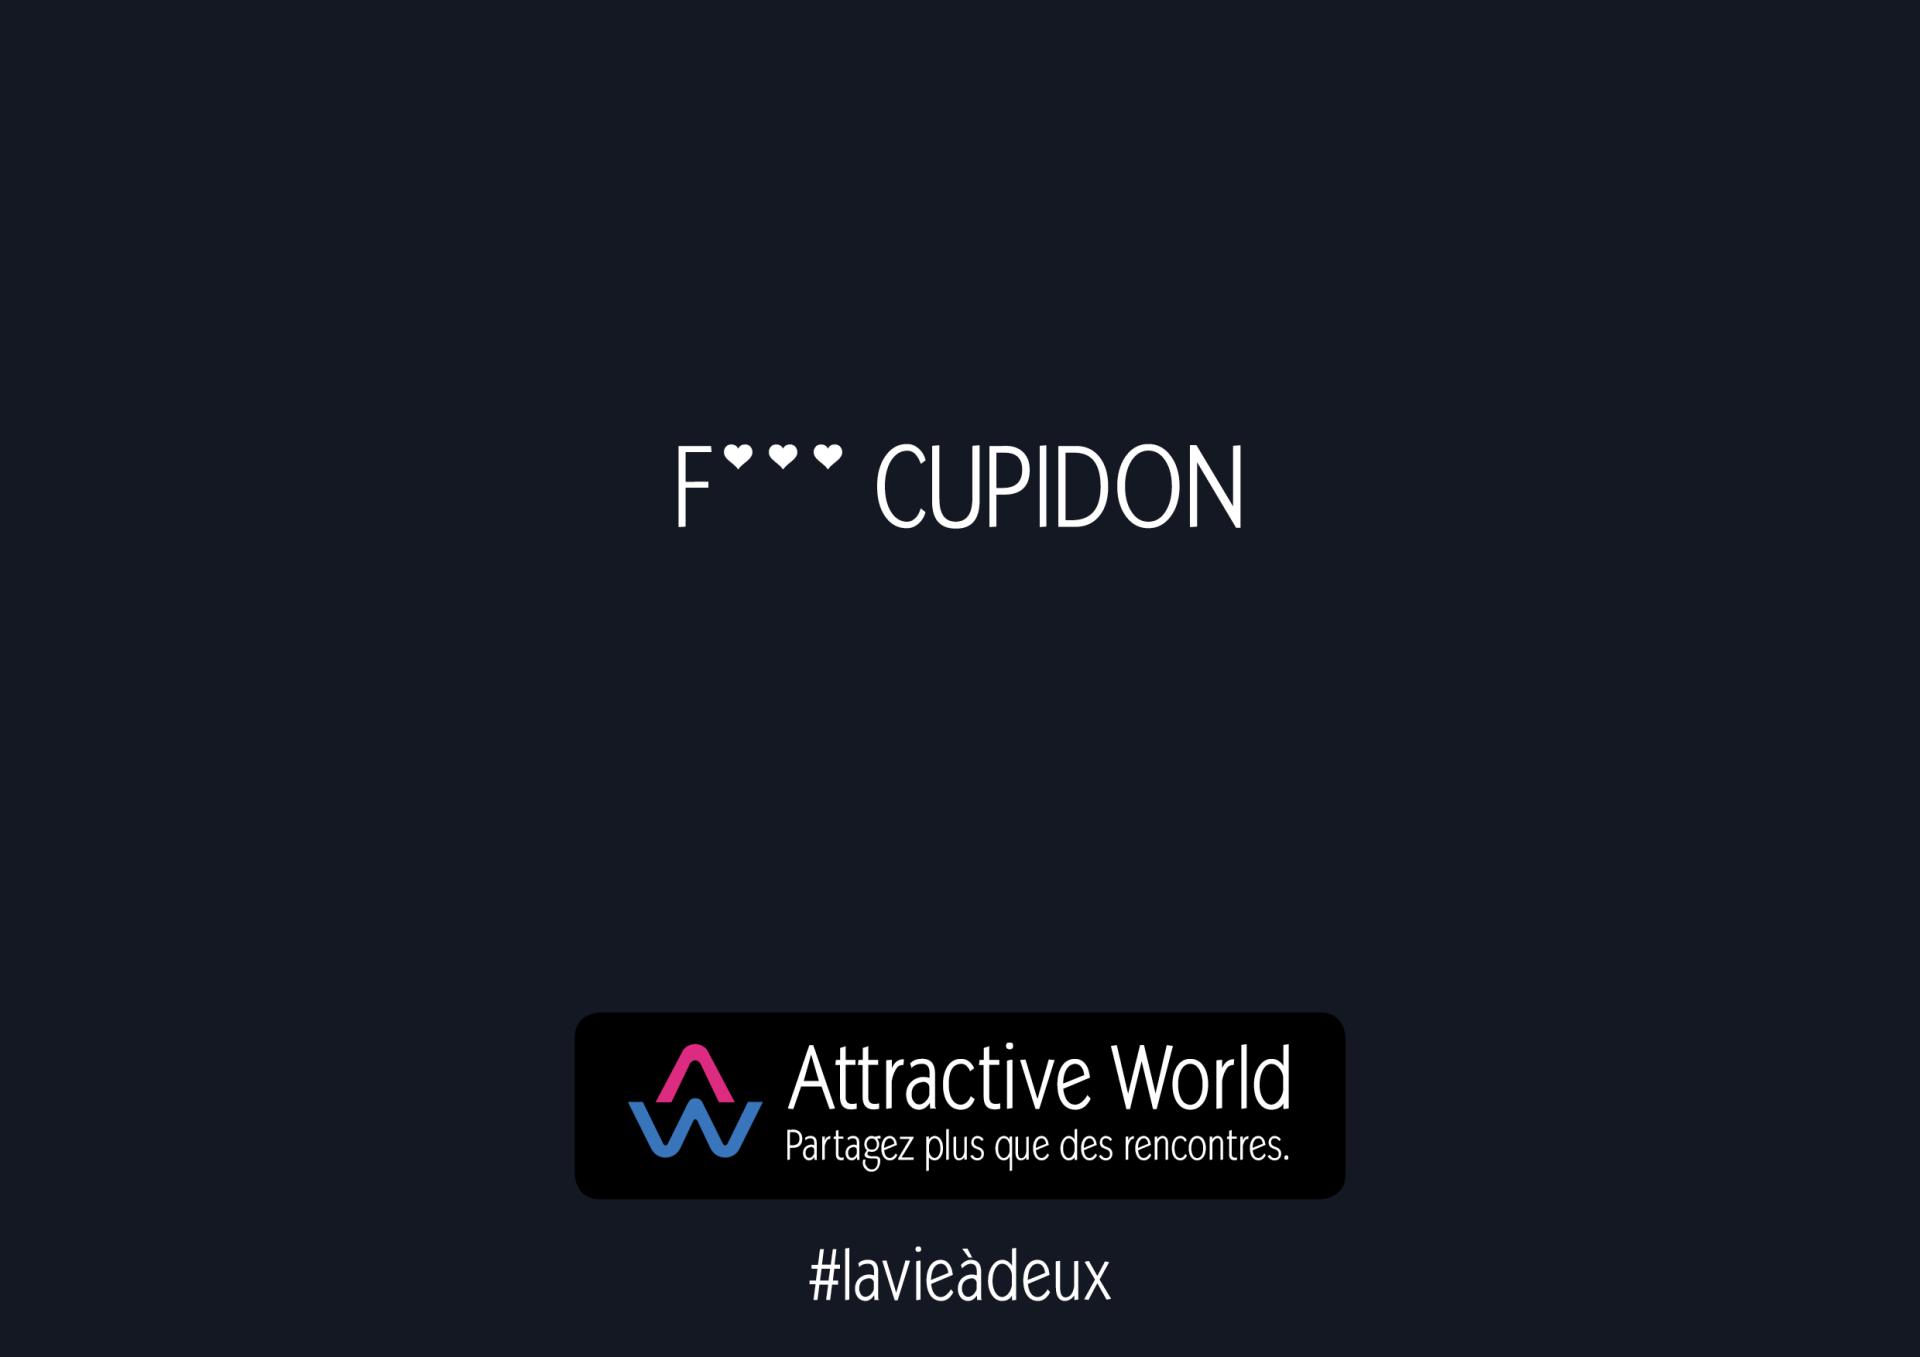 Site rencontre cupidon